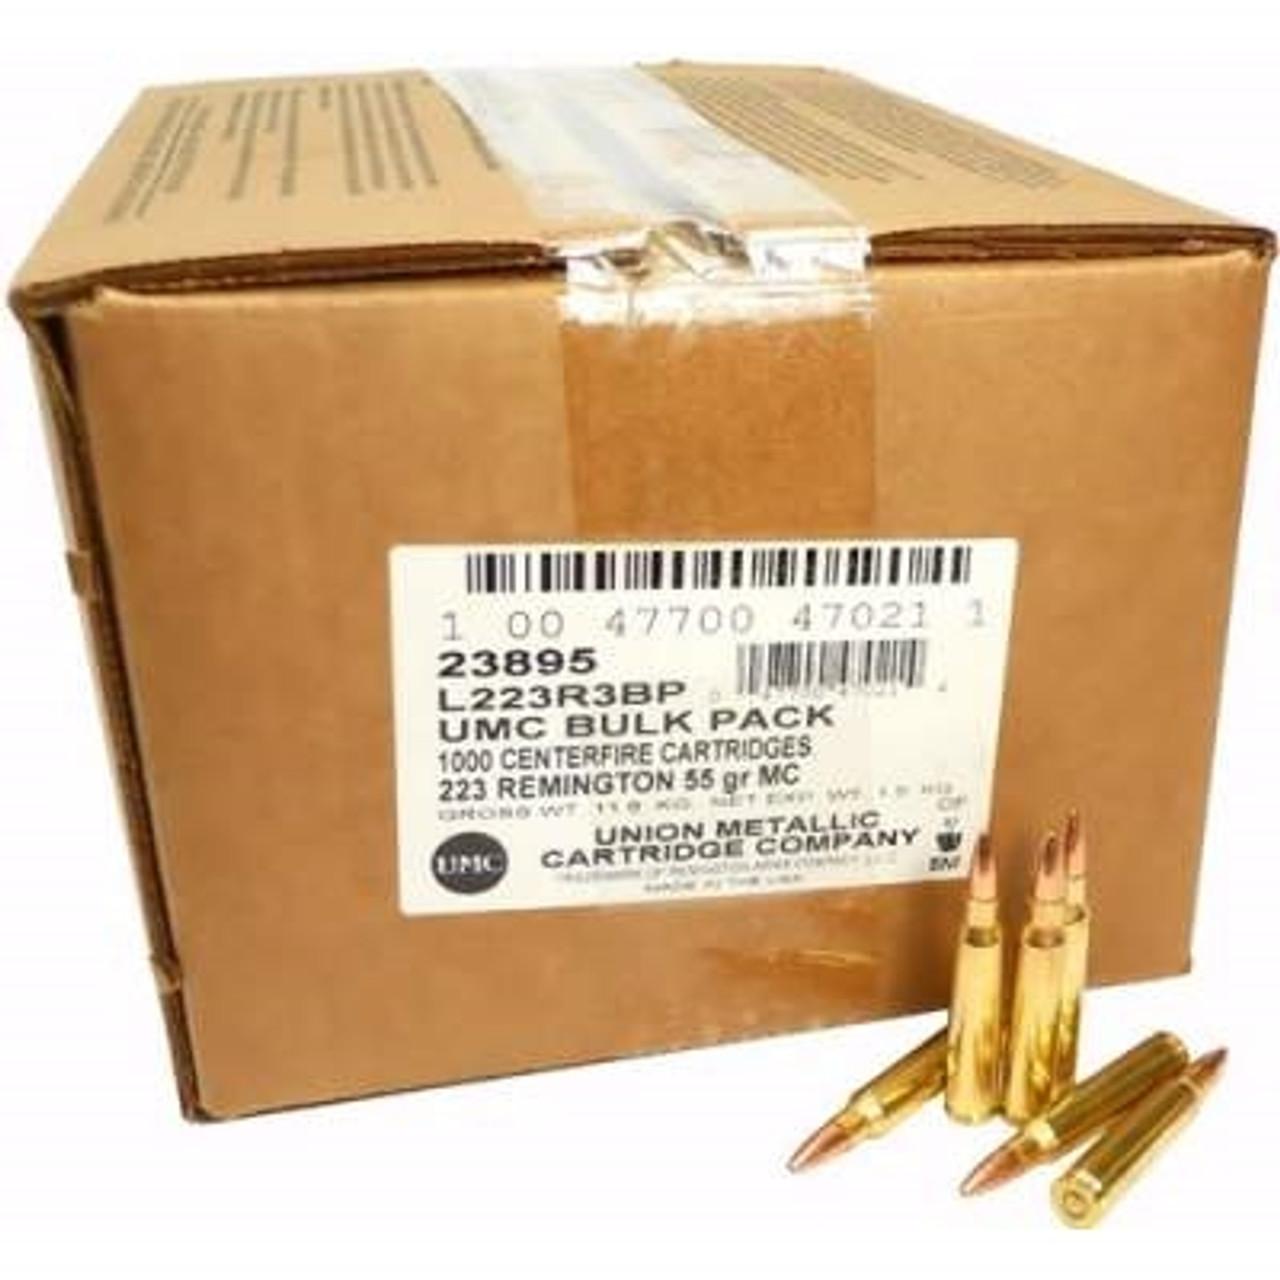 Remington 223 Rem Bulk Pack L223R3BP 55 gr FMJ 1000 rounds